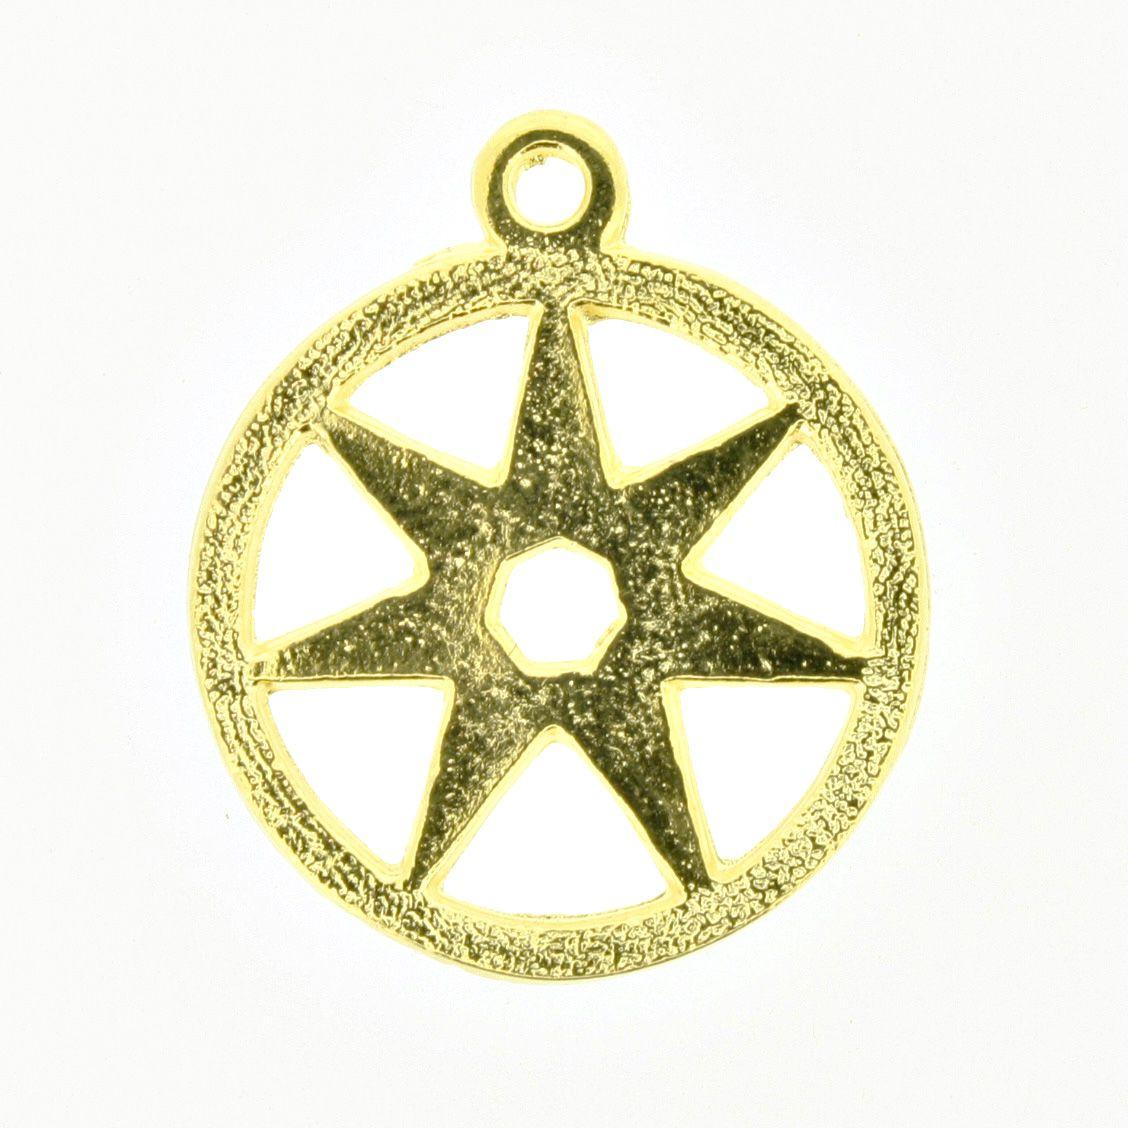 Estrela Sete Pontas - Dourada - 25mm  - Stéphanie Bijoux® - Peças para Bijuterias e Artesanato